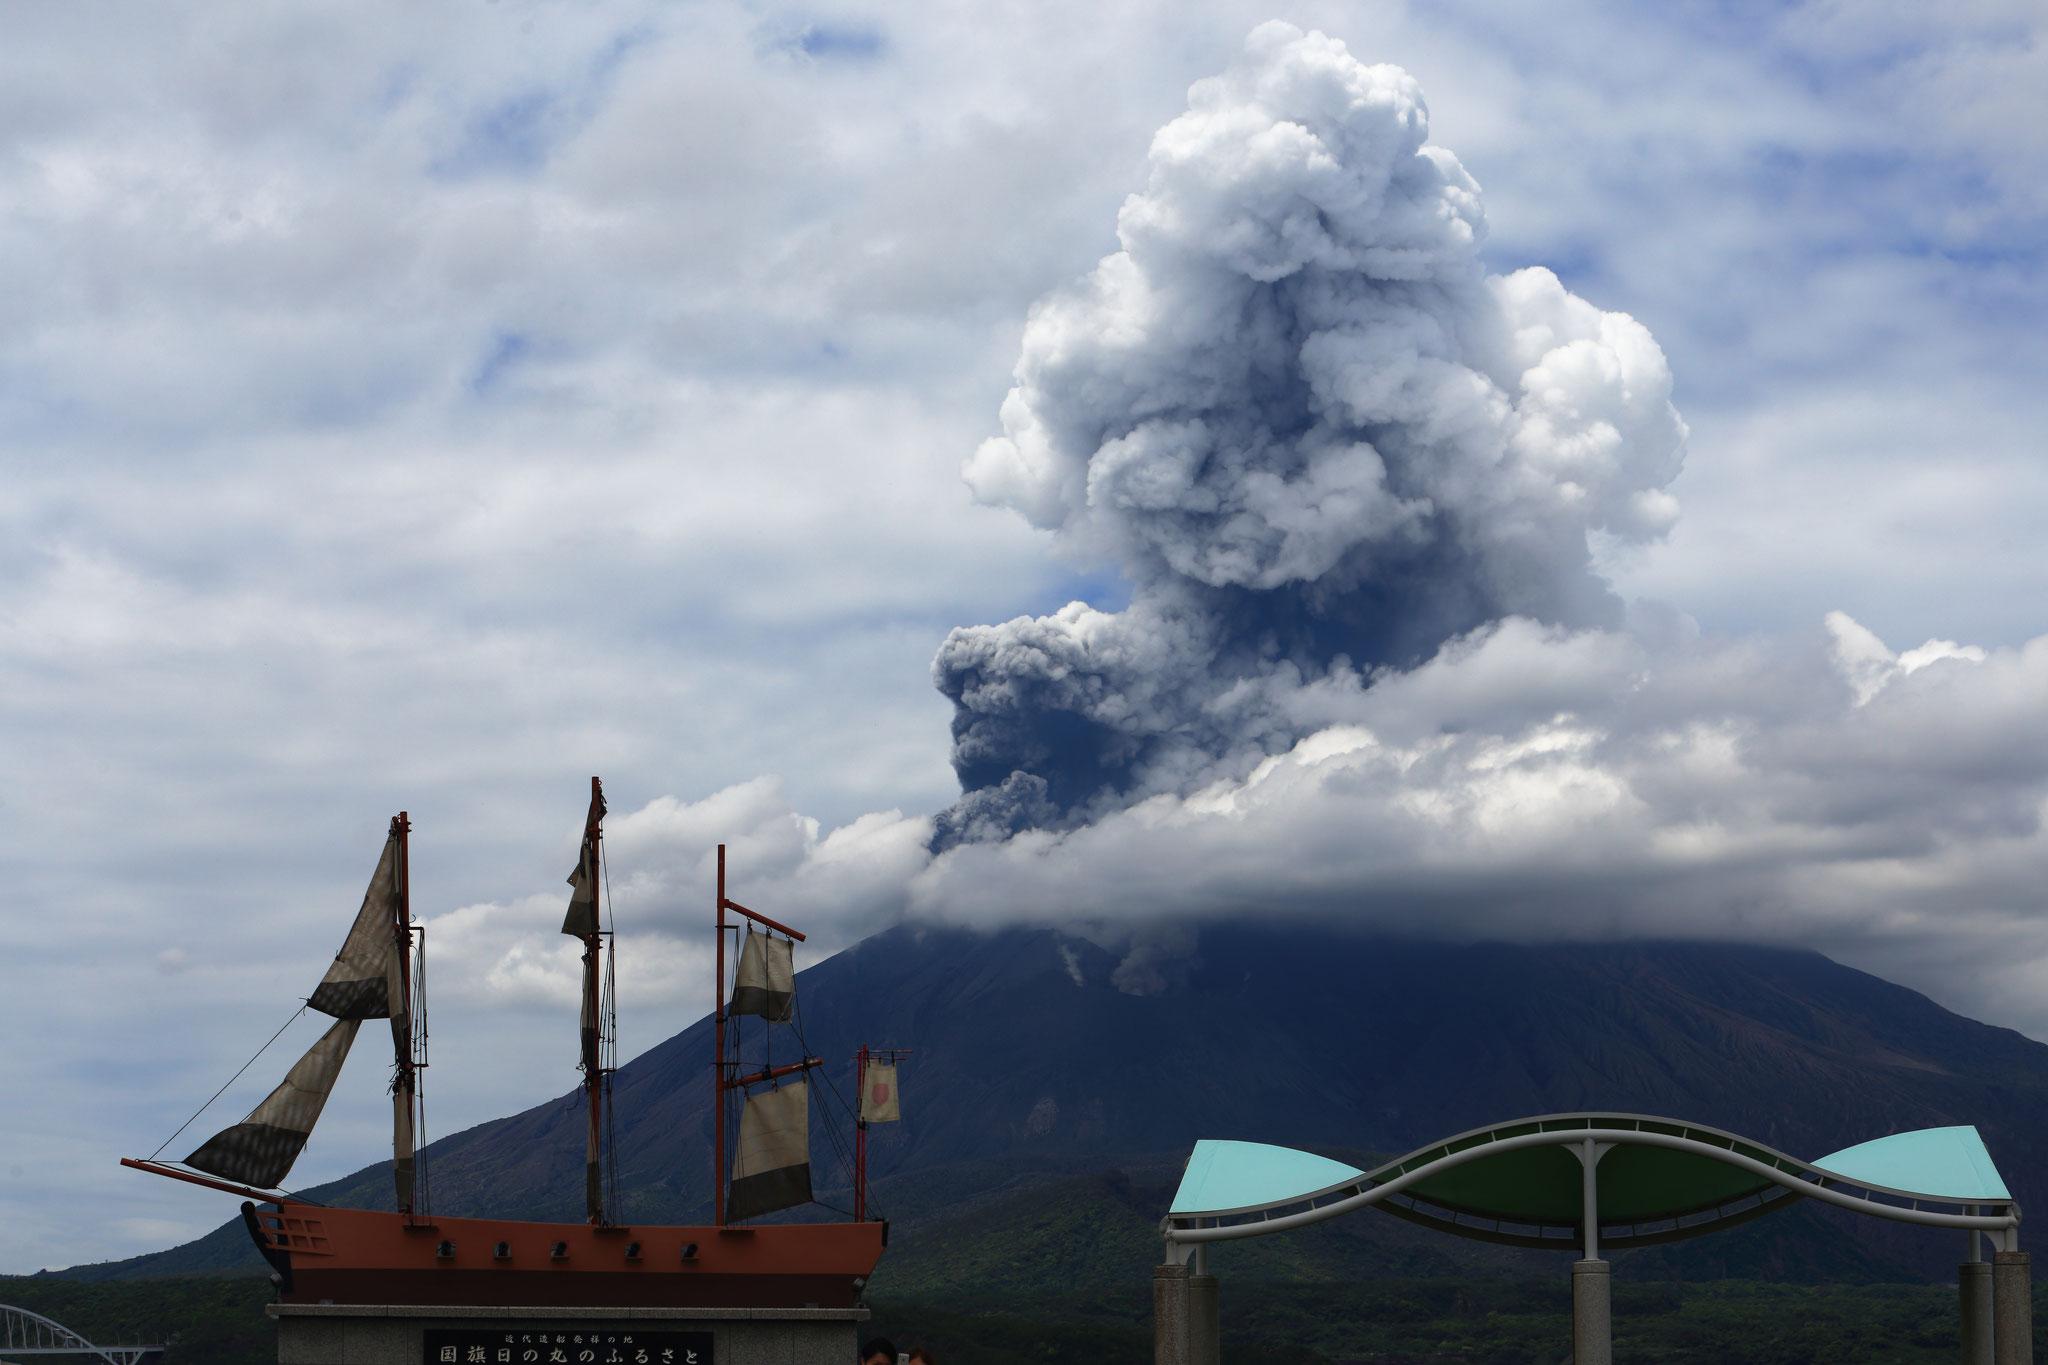 桜島爆発。灰色と白色混じる2500mの噴煙(5/5 12:18 道の駅たるみずより